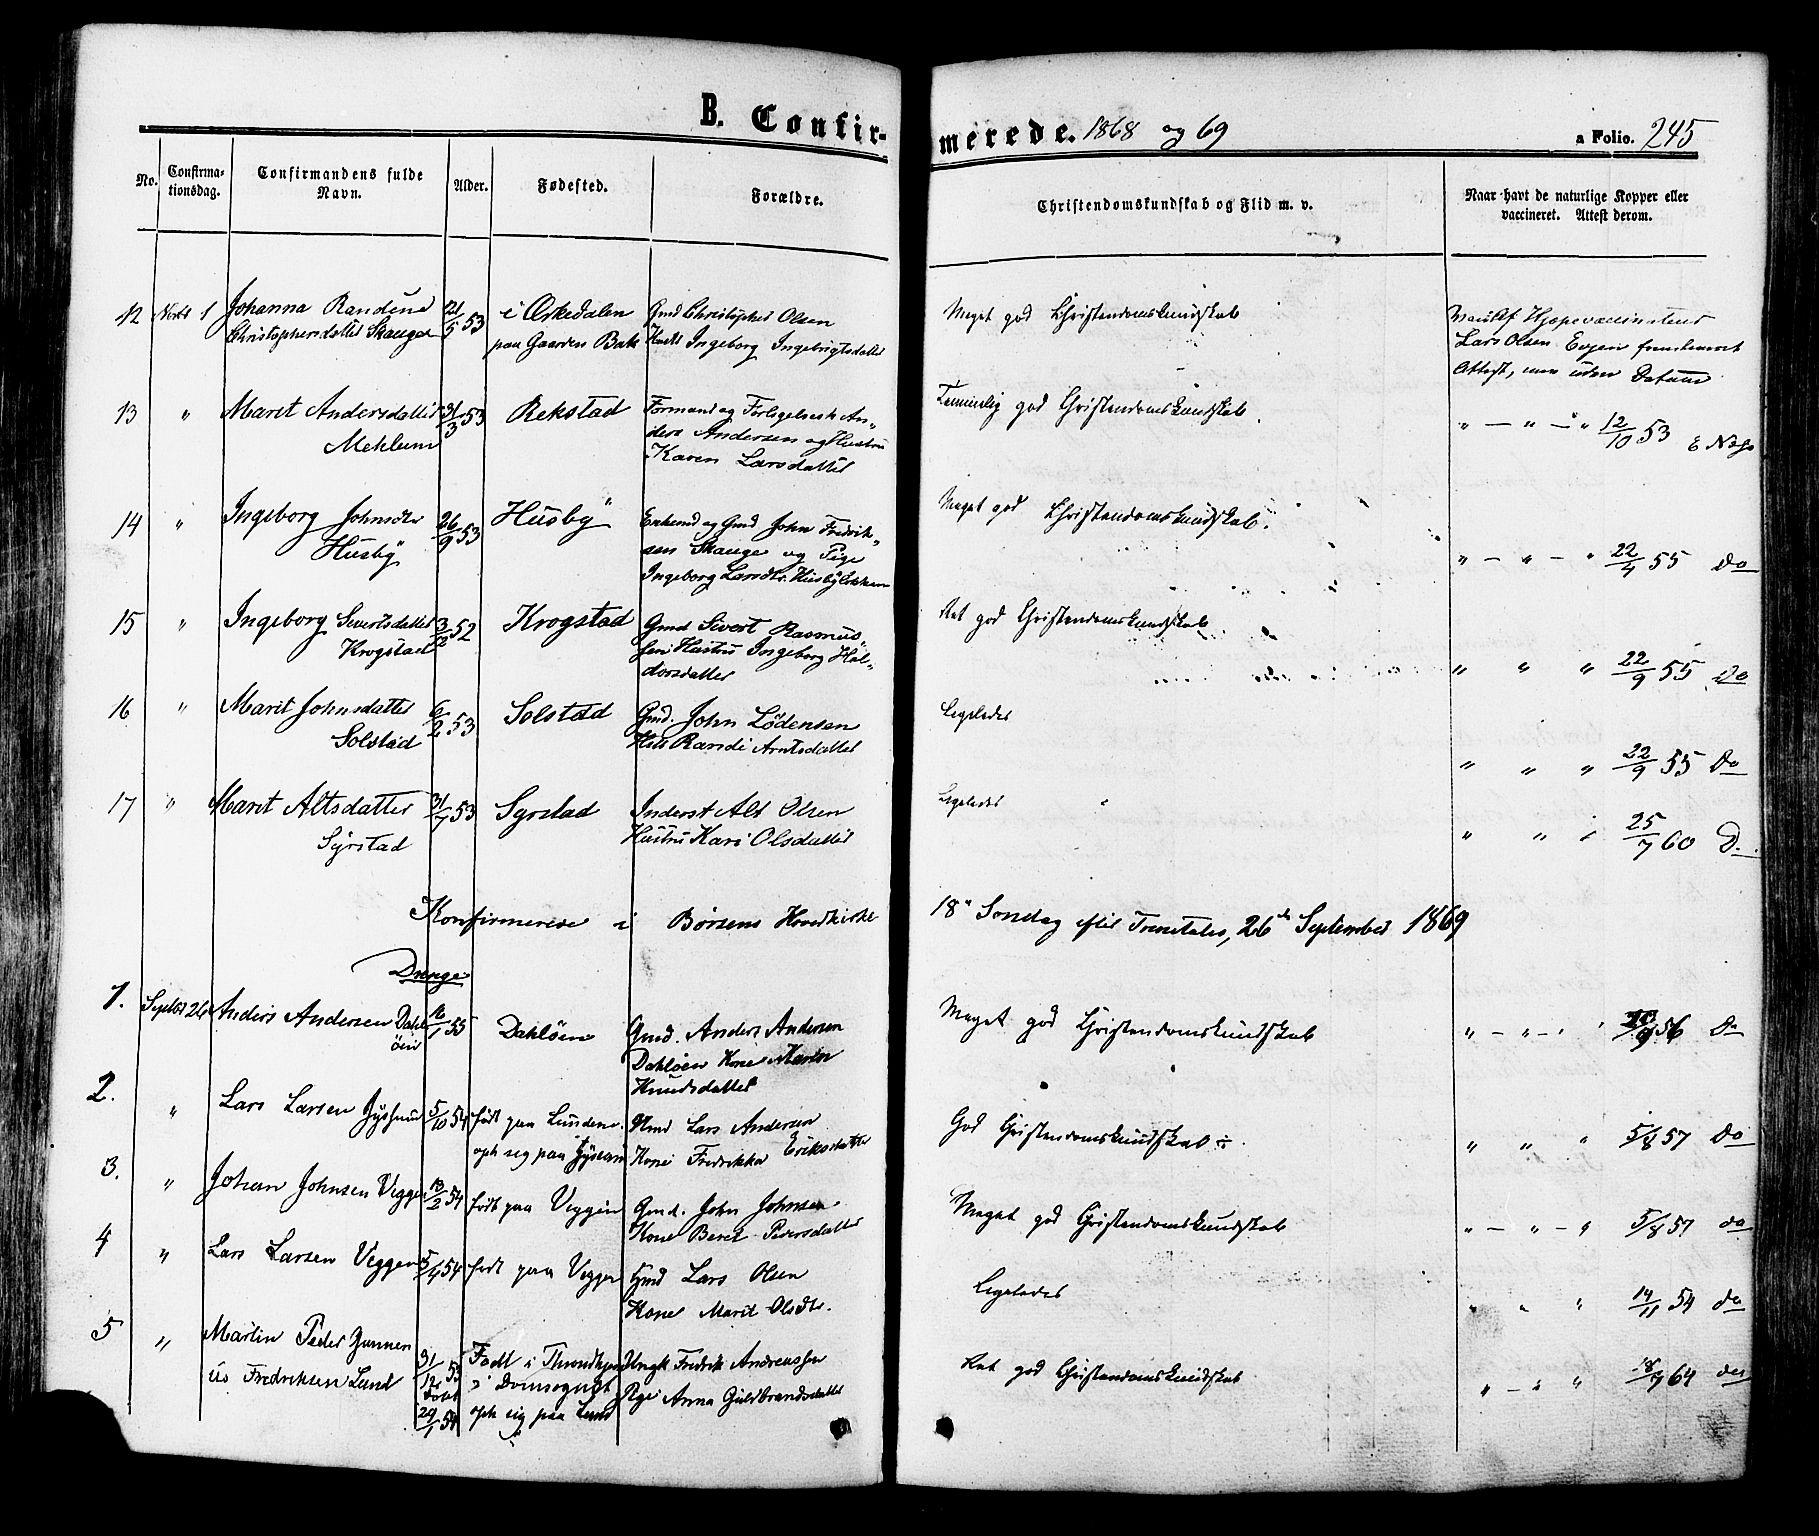 SAT, Ministerialprotokoller, klokkerbøker og fødselsregistre - Sør-Trøndelag, 665/L0772: Ministerialbok nr. 665A07, 1856-1878, s. 245